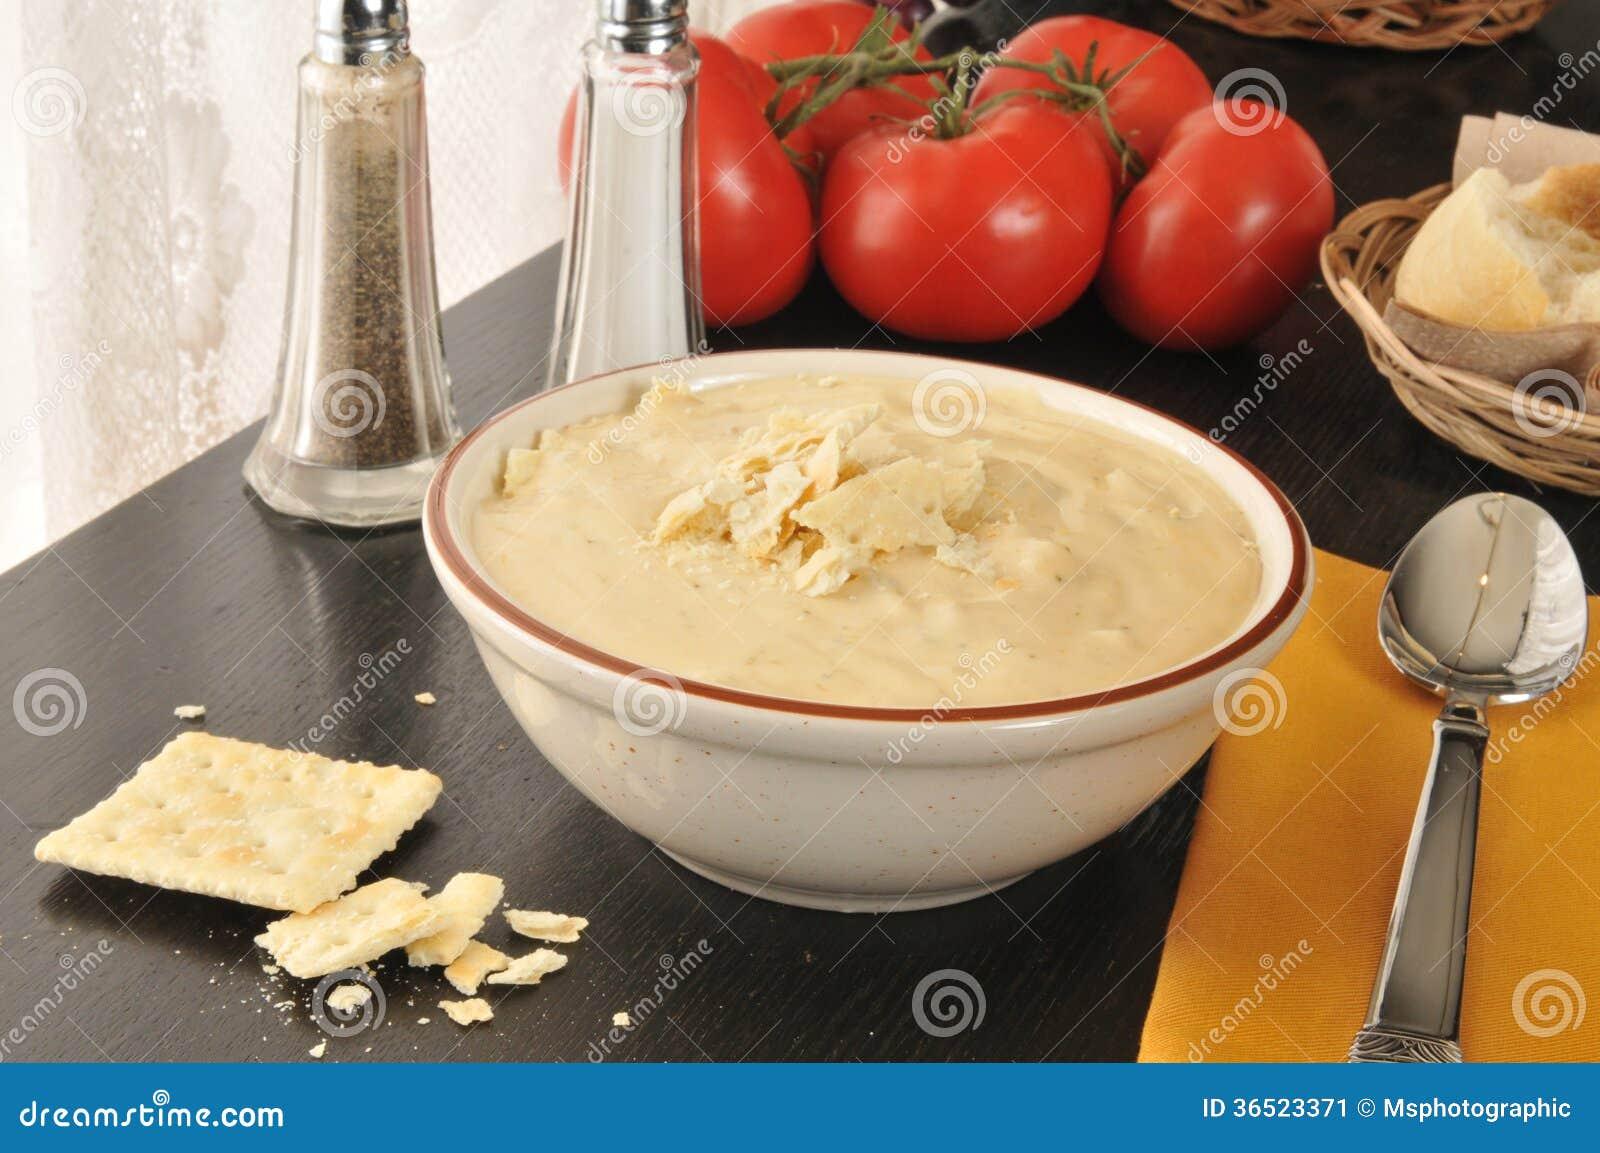 Brocoli, pomme de terre, ragout de fromage